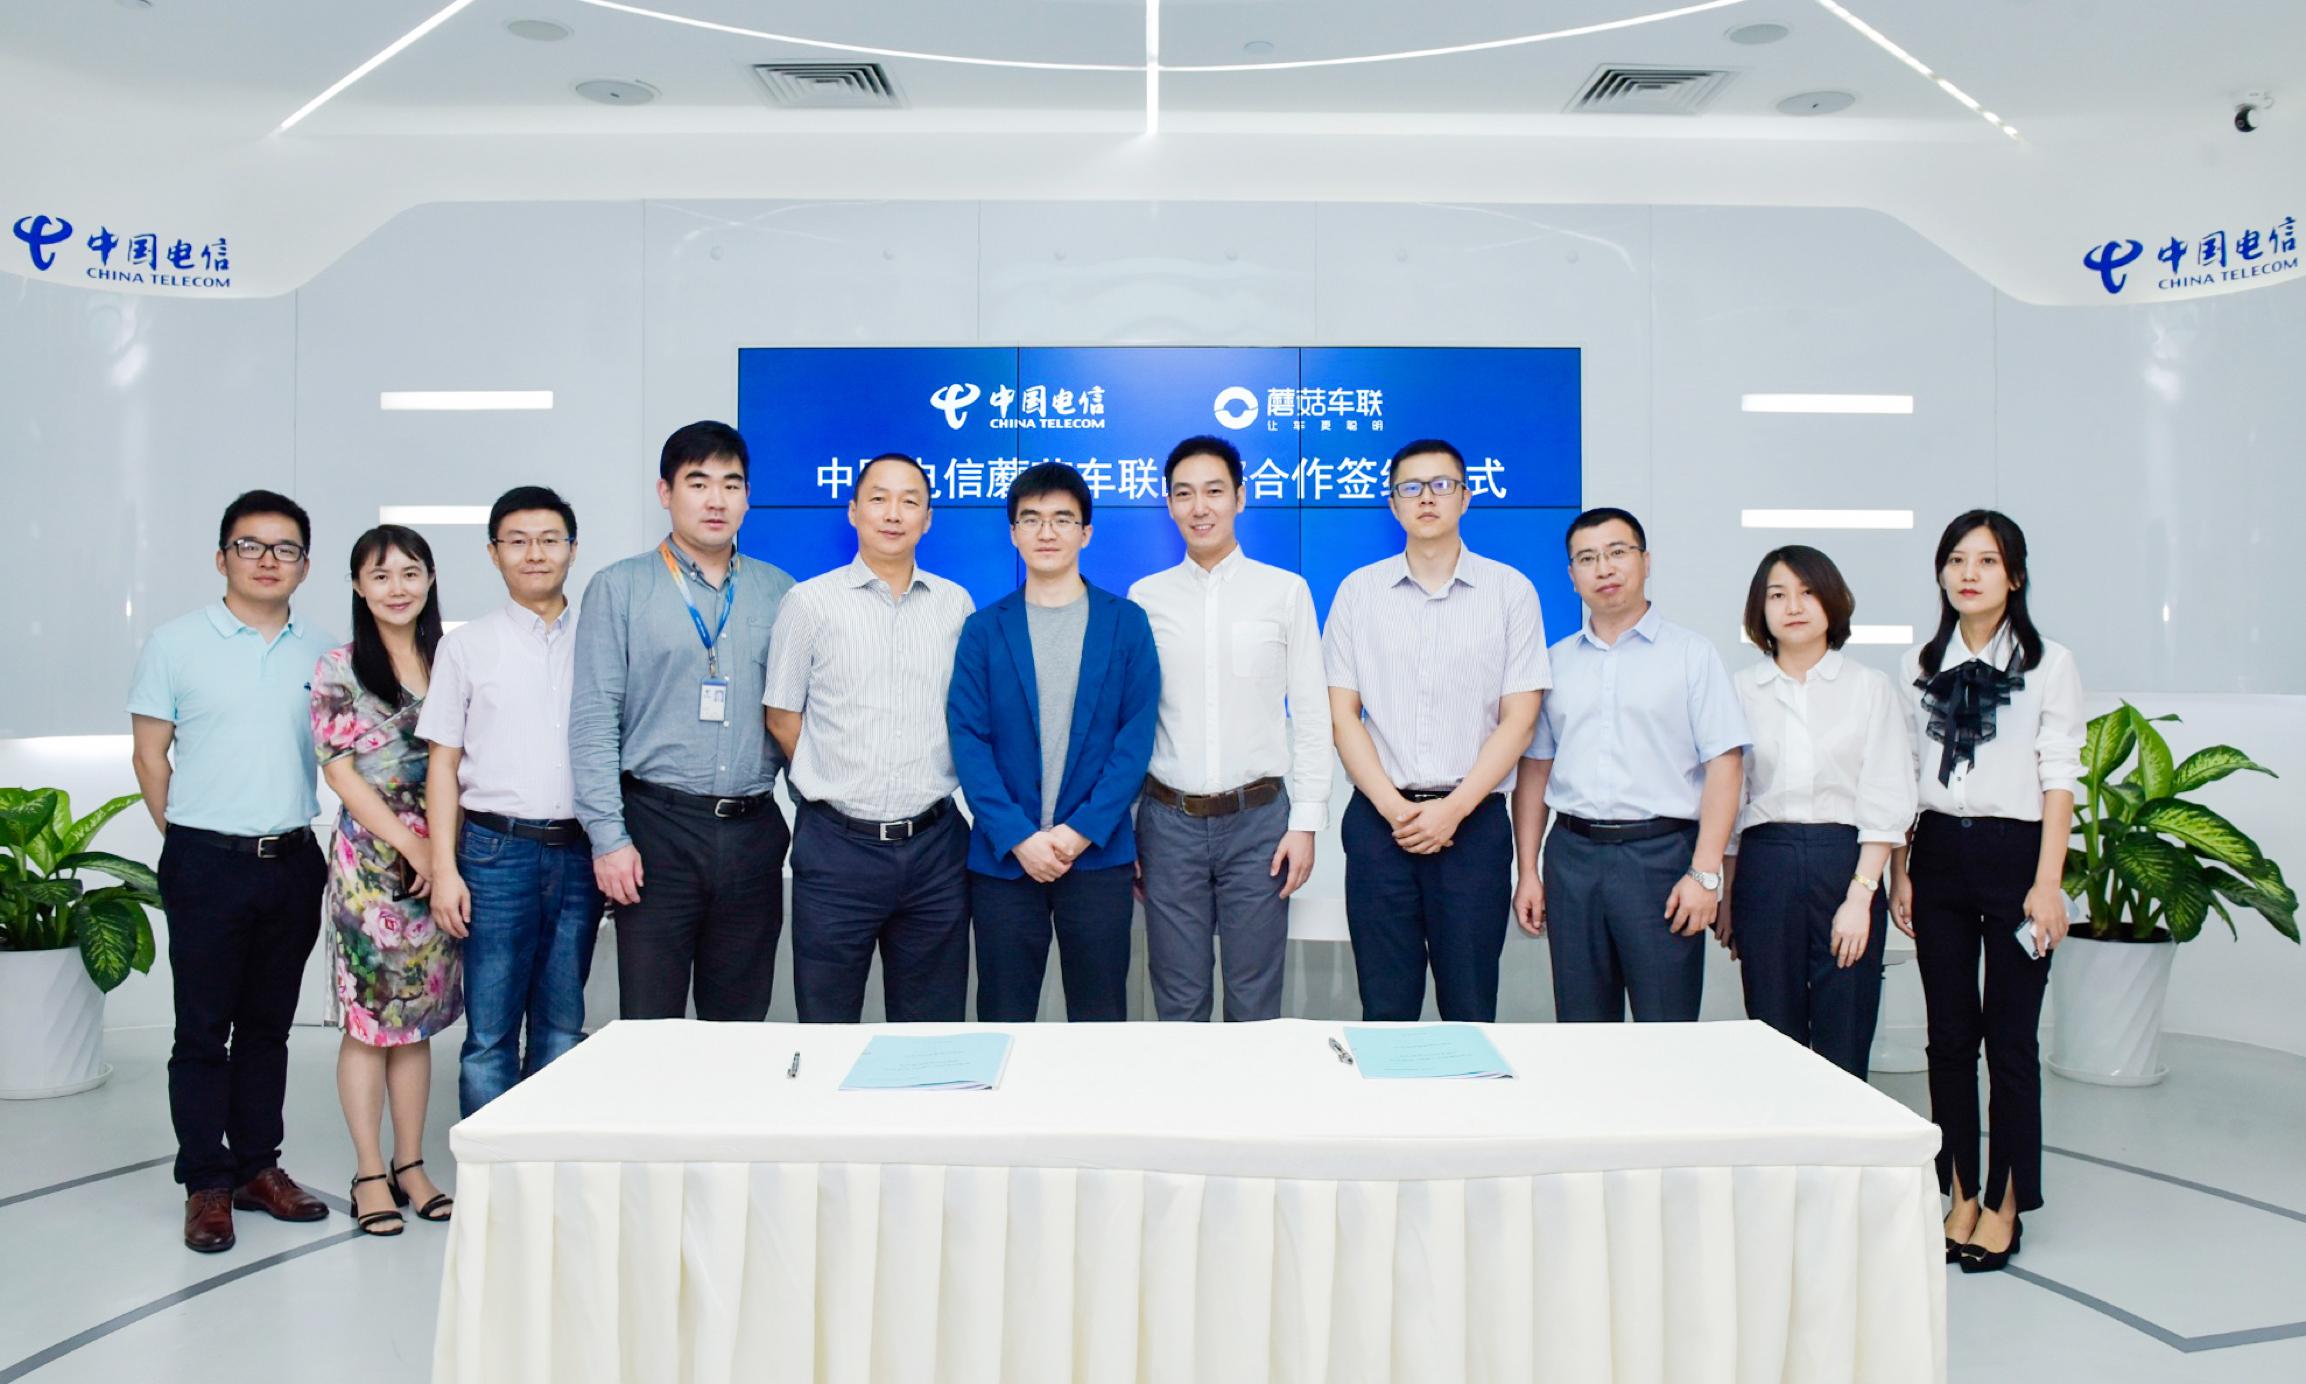 中国电信与蘑菇车联达成战略合作 共建5G智慧交通 加速汽车智能网联化发展